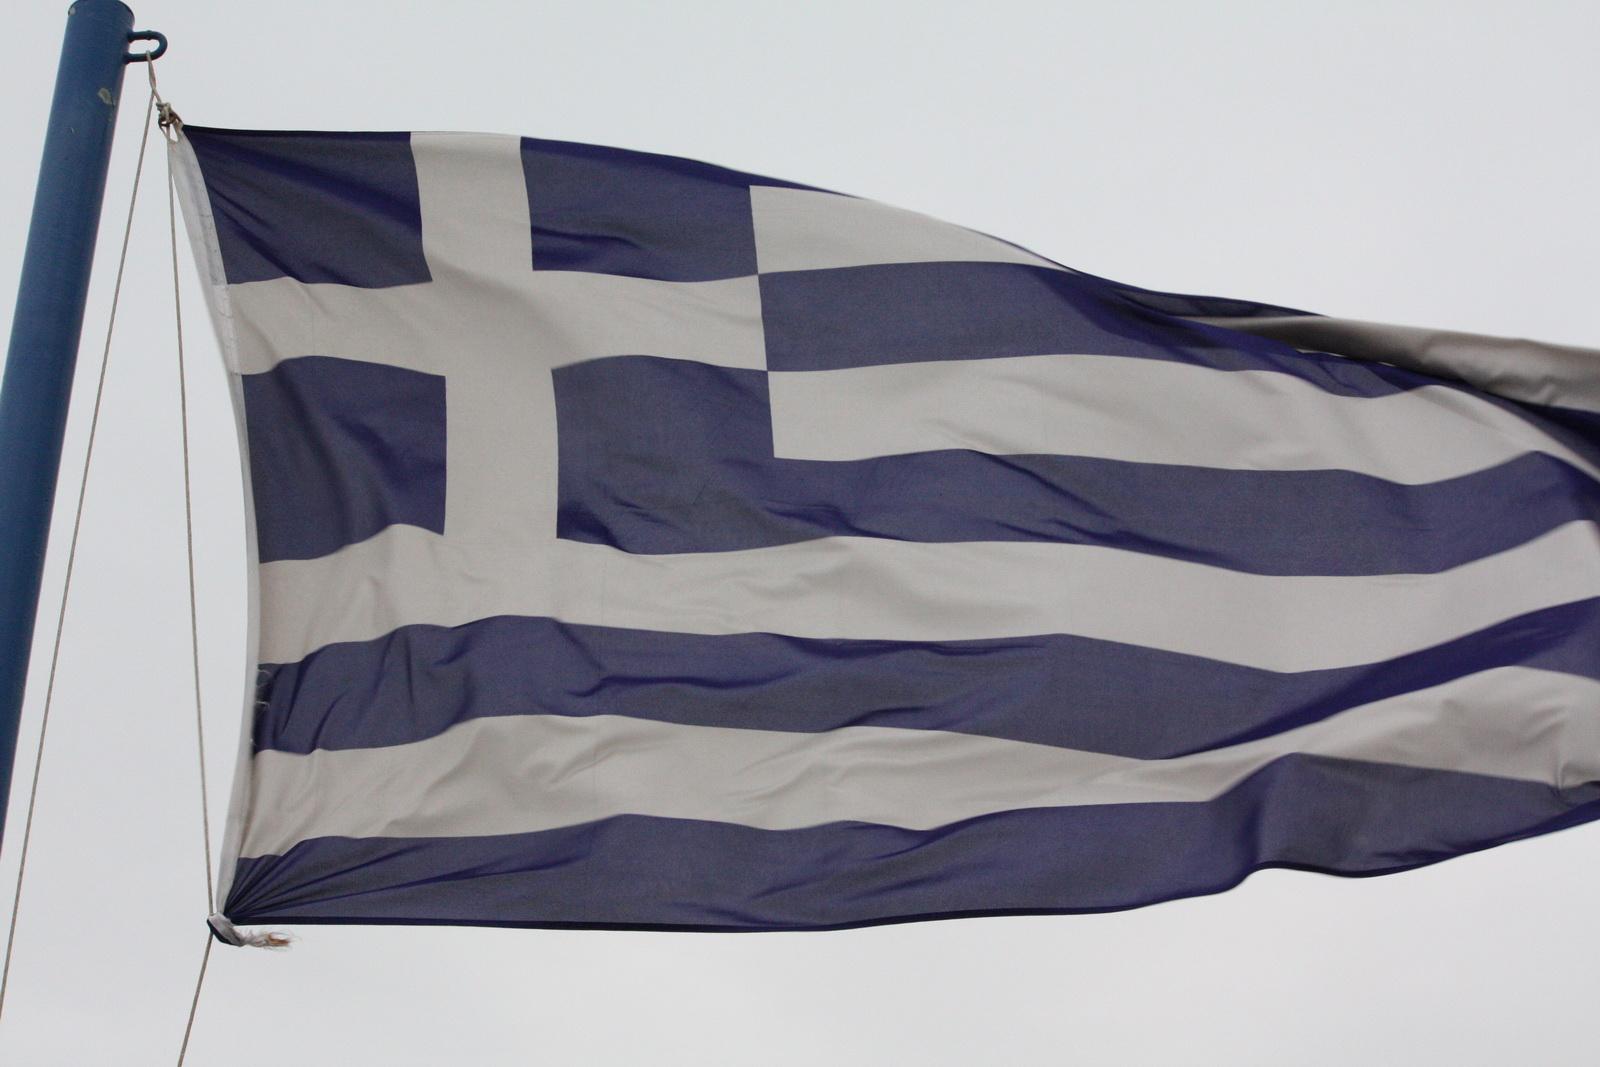 Ελληνική σημαία_resize